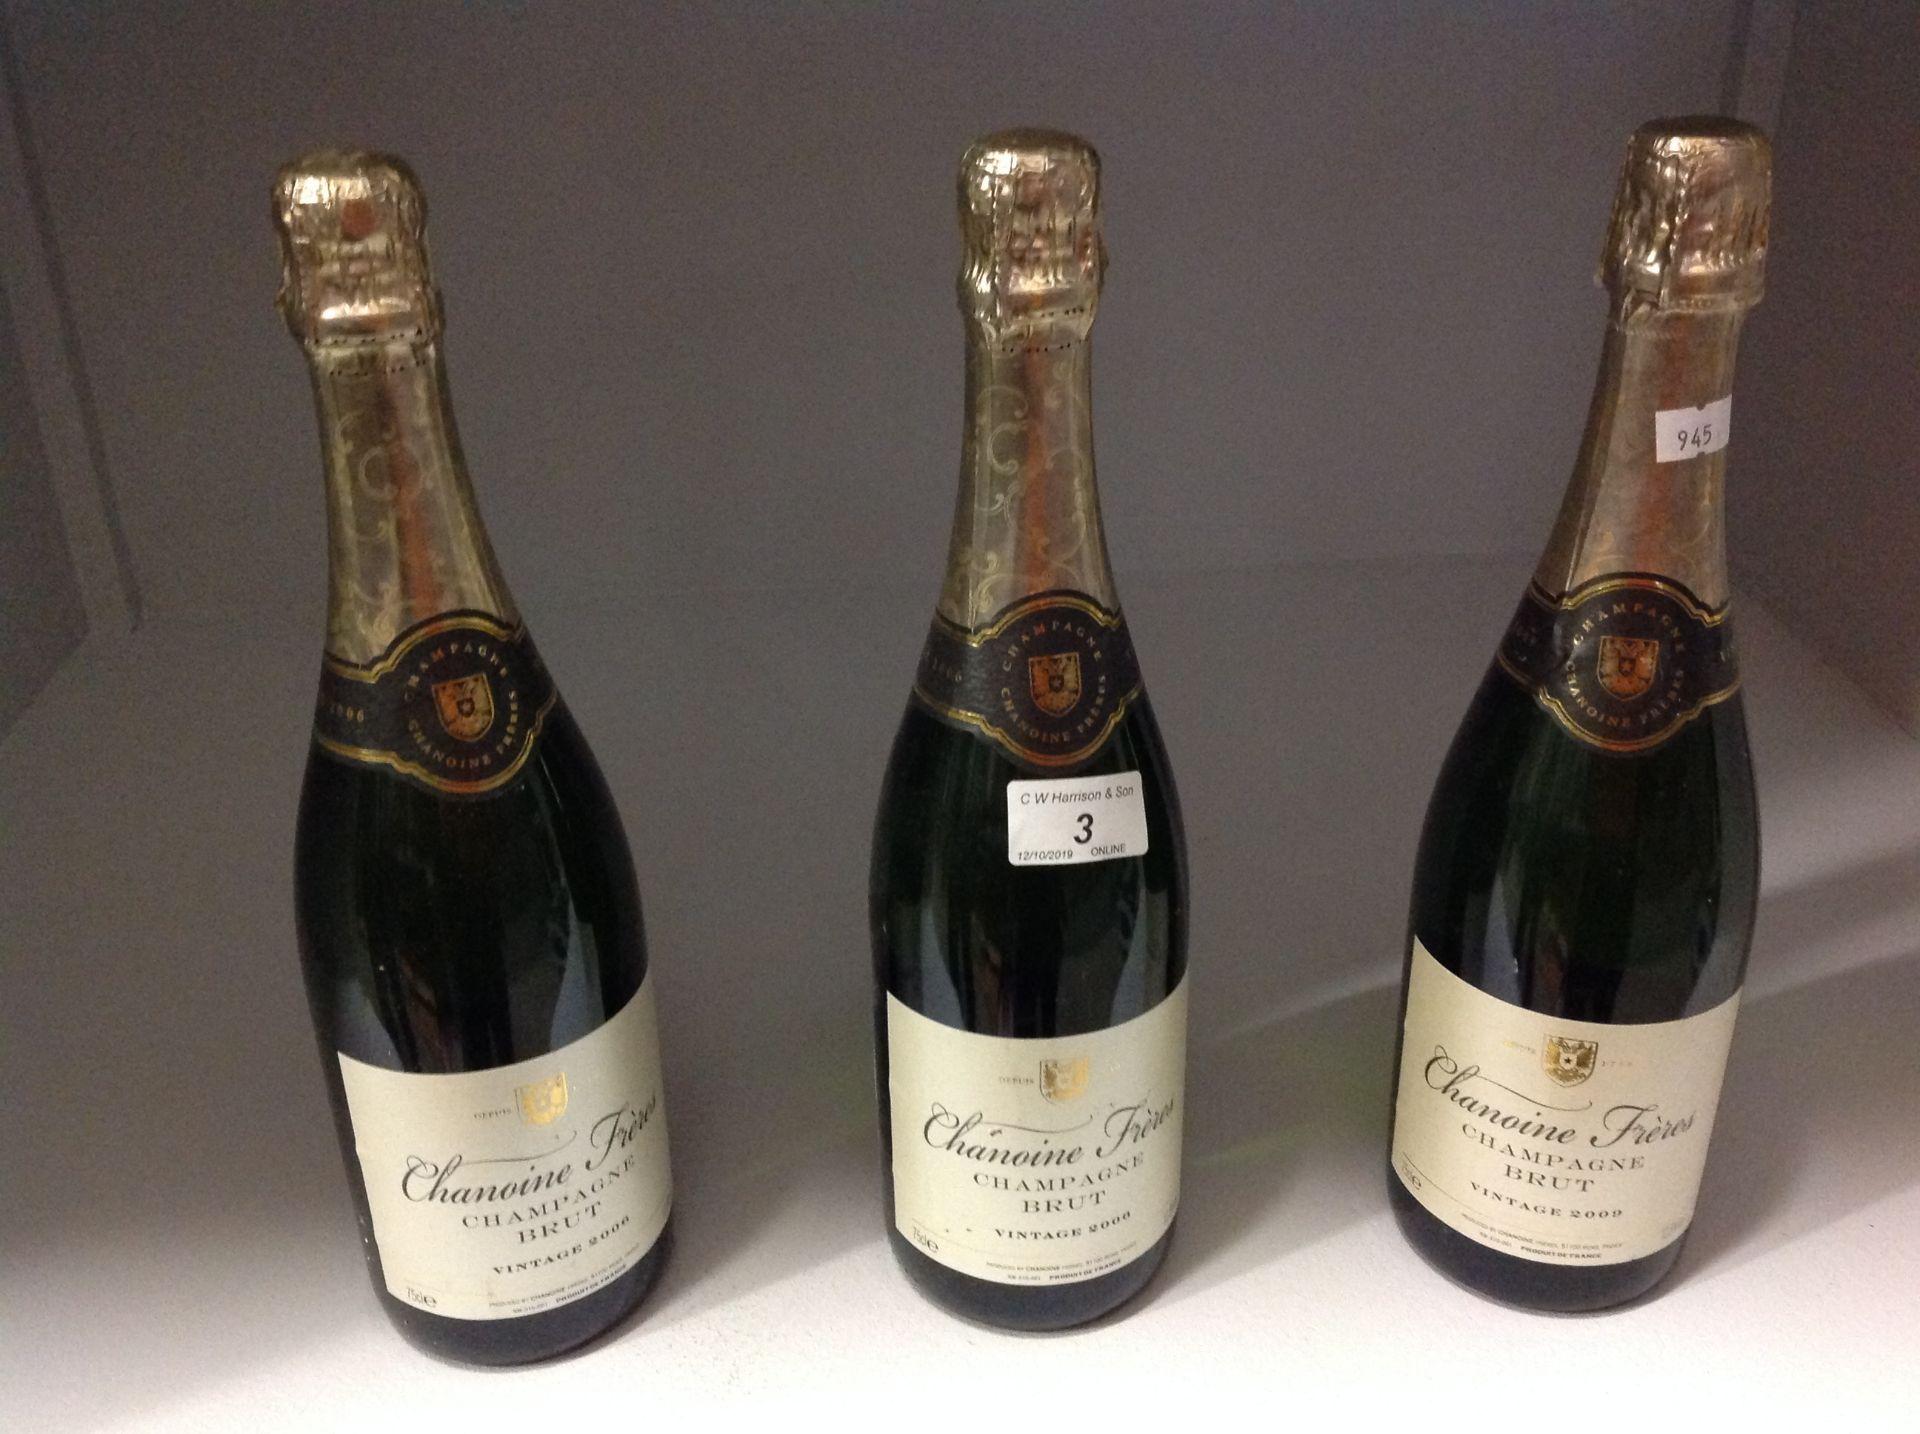 Lot 3 - 3 x 750ml bottles vintage 2007 Chanoine